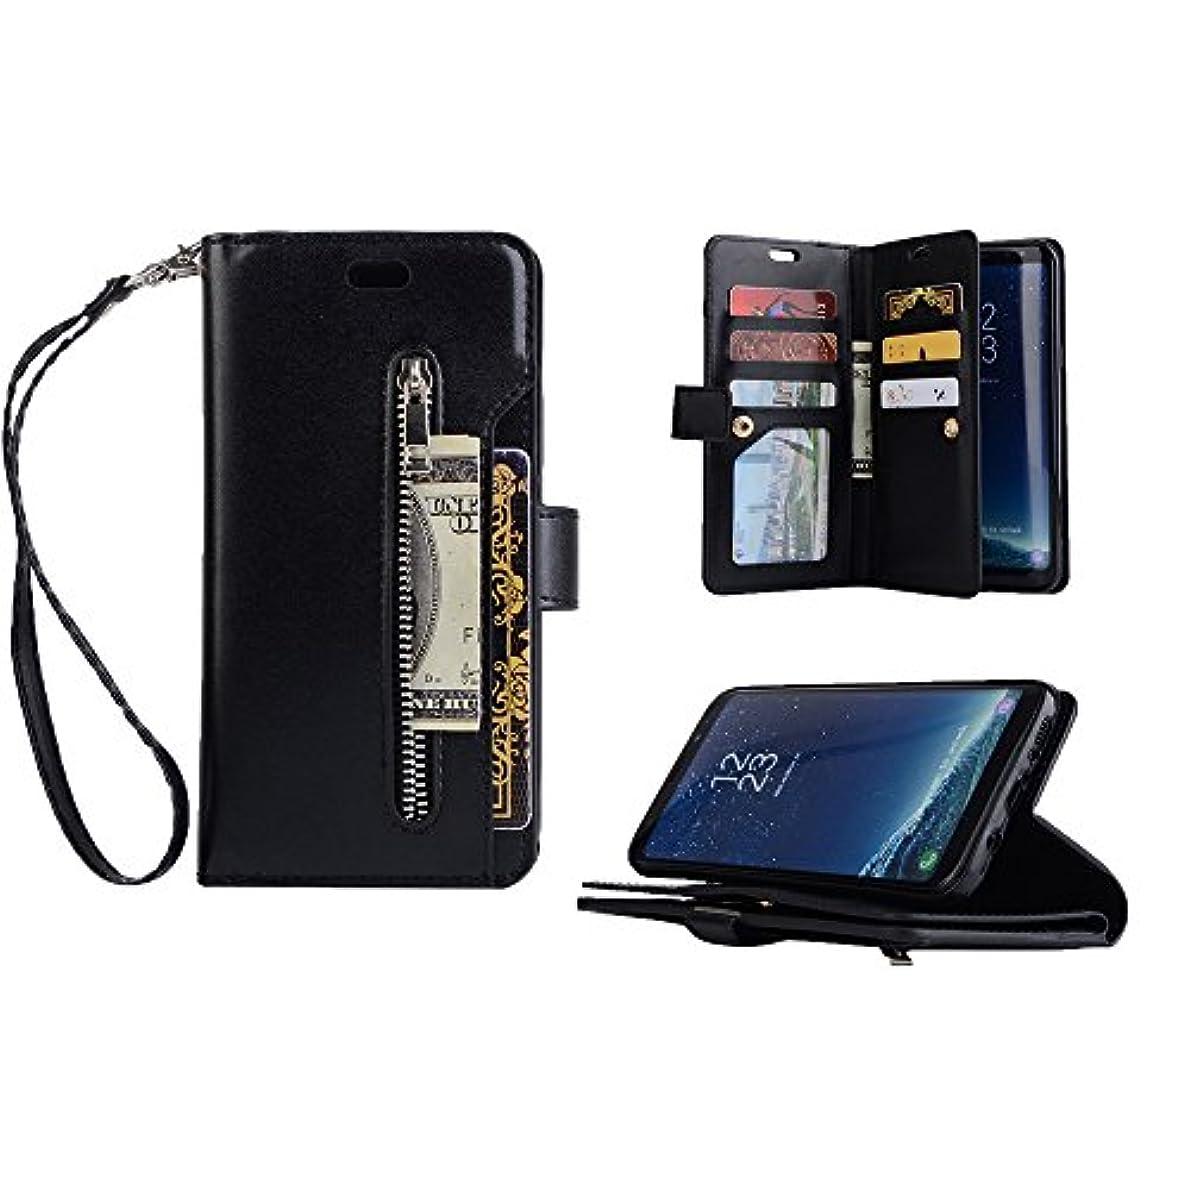 タイプライターゴルフメルボルンGalaxy S8 Plus おしゃれカバー PUレザー カード収納 スタンド機能 ストラップ付き 手帳型ケース ギャラクシー S8 Plus対応 ブラックメンズ かっこいい ビジネス